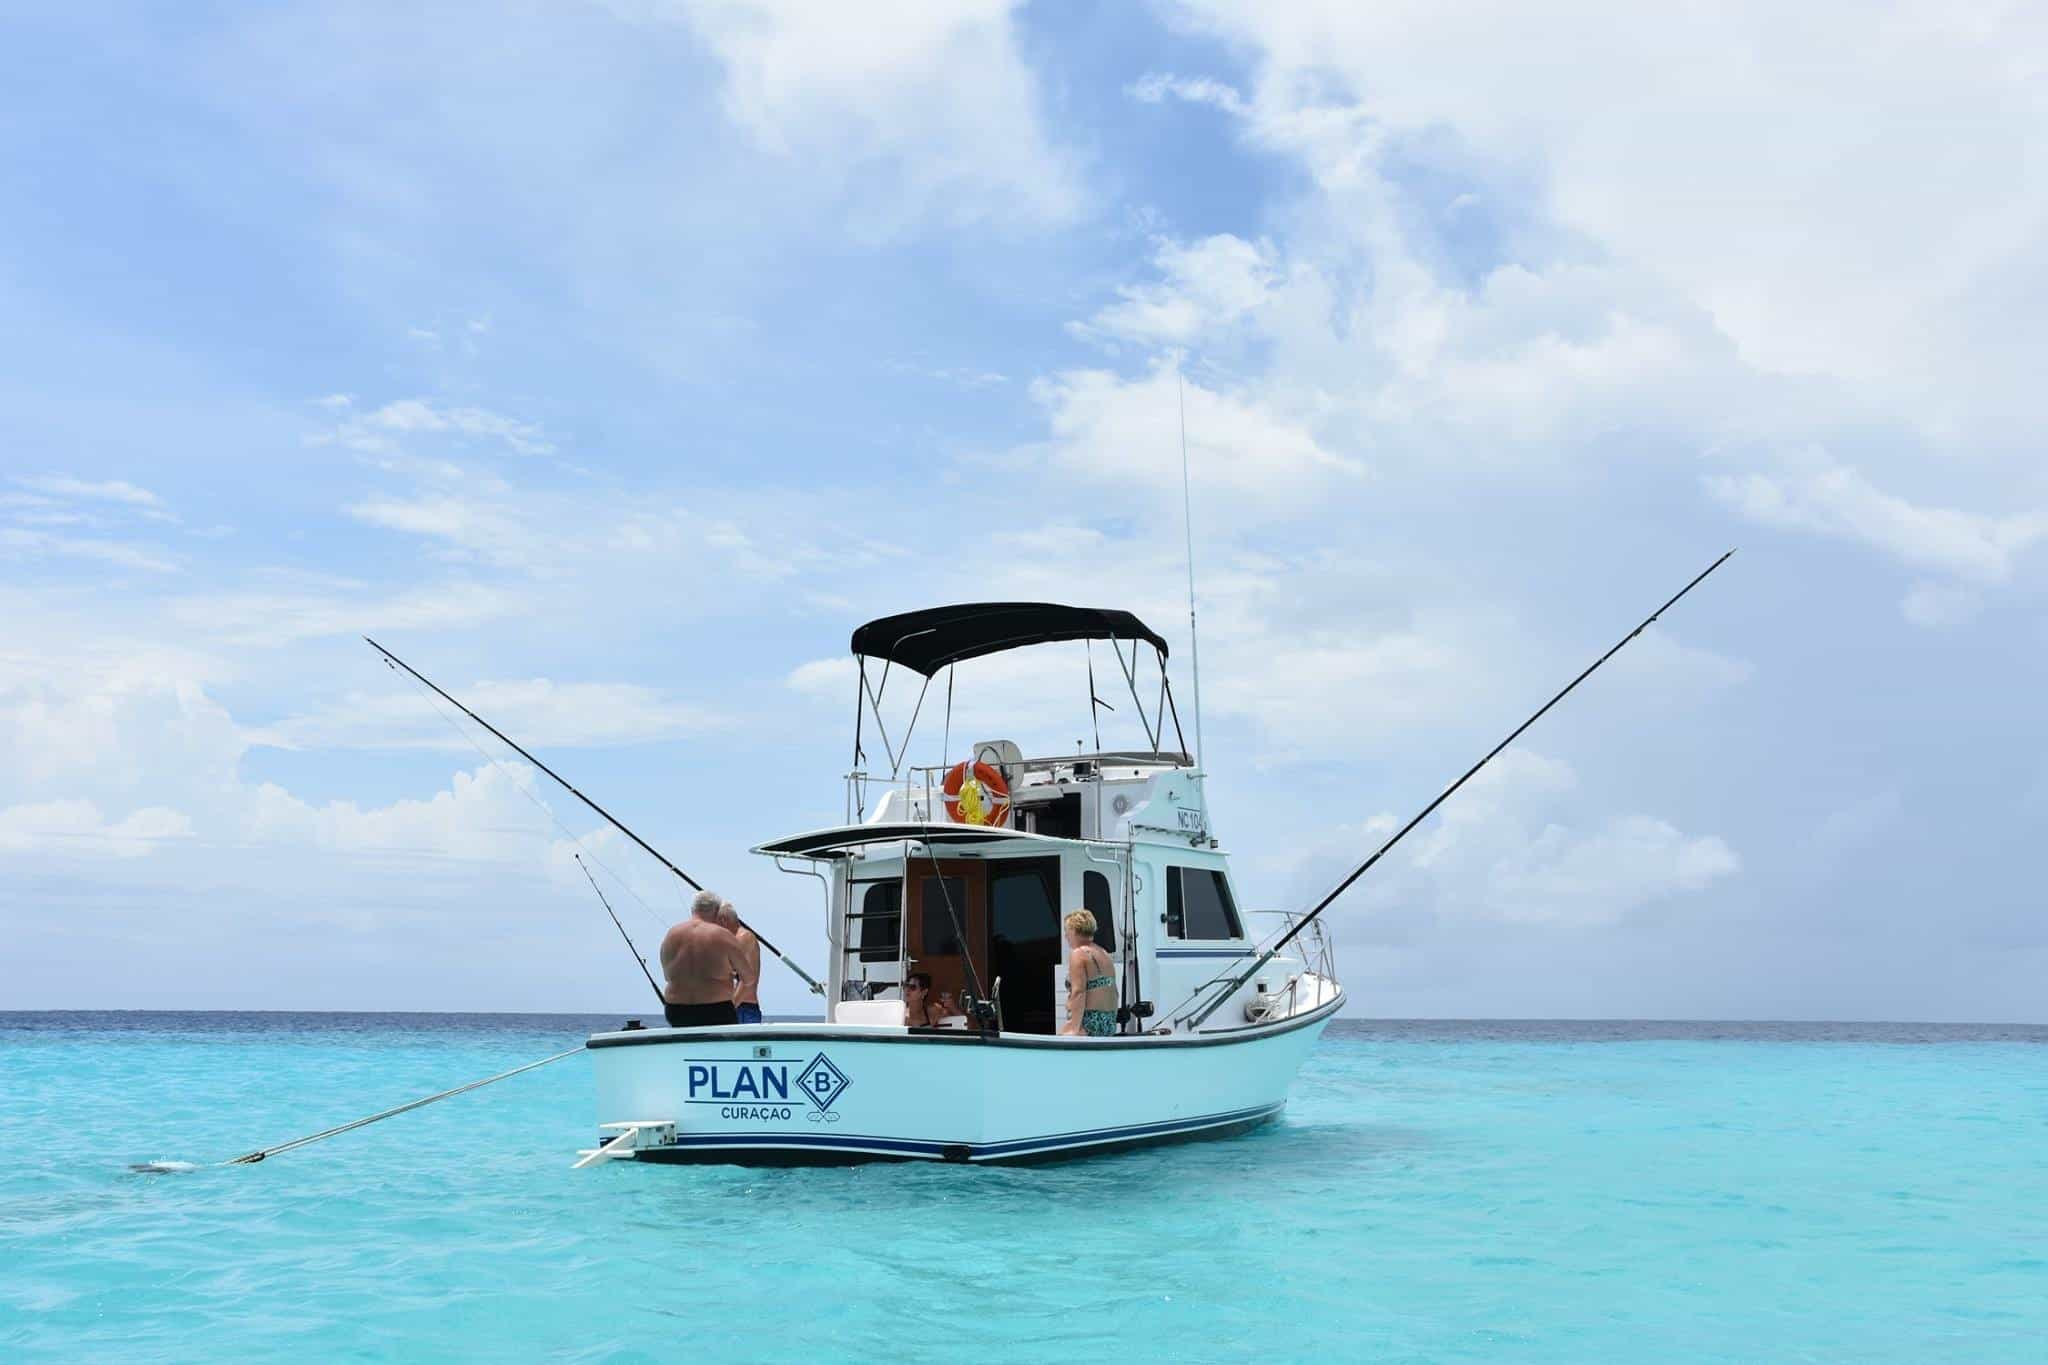 Open Fishing Curacao- Plan B